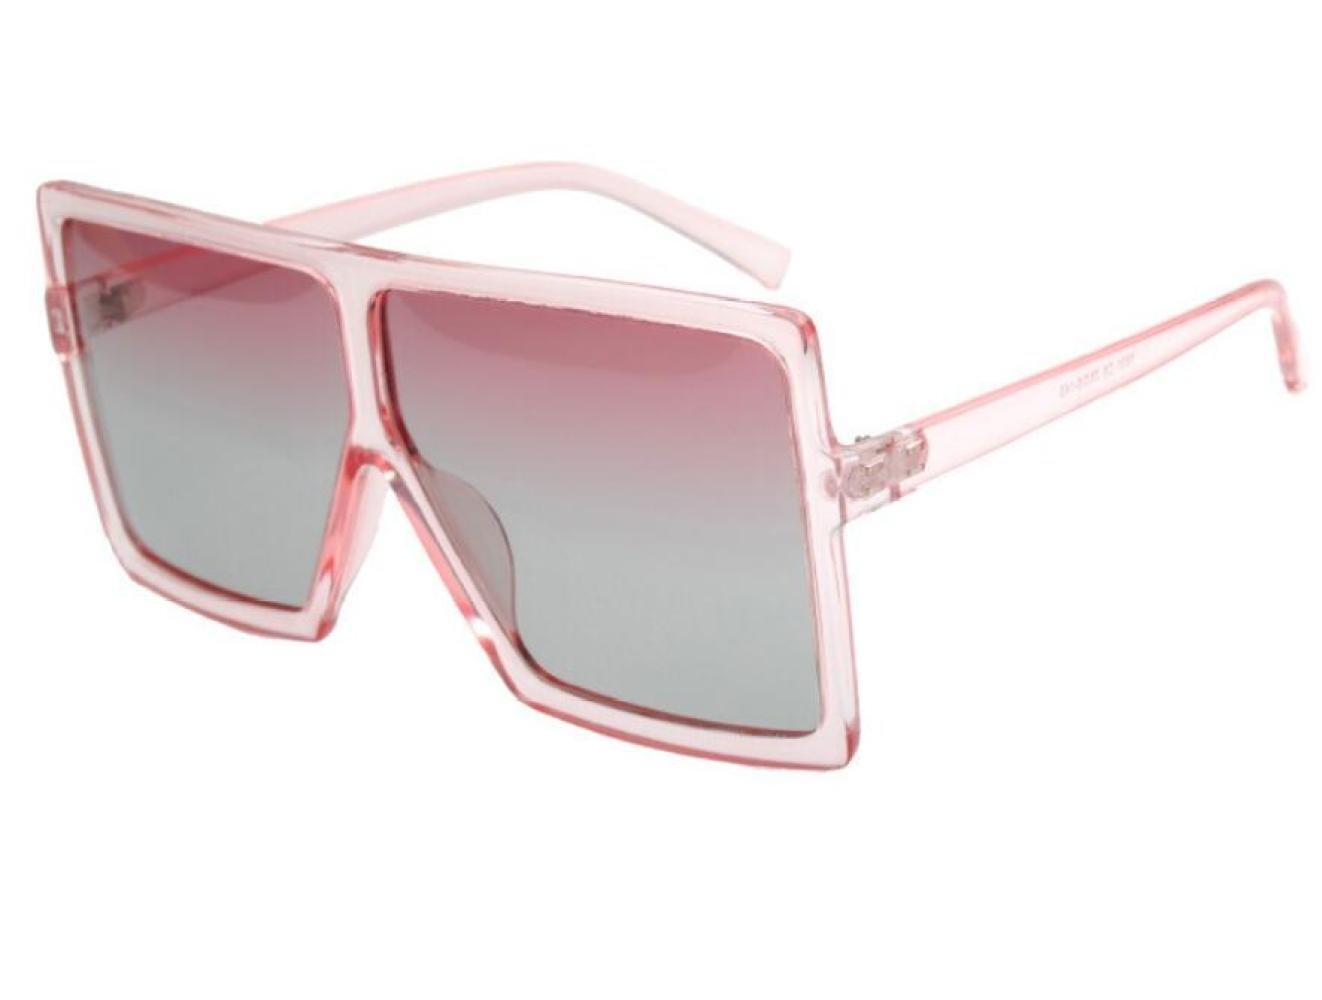 6c409e6500a410 MSNHMU Mme Europe Et L Amérique Polarized Sunglasses Shopping Party Cadeau  D anniversaire  Amazon.fr  Vêtements et accessoires